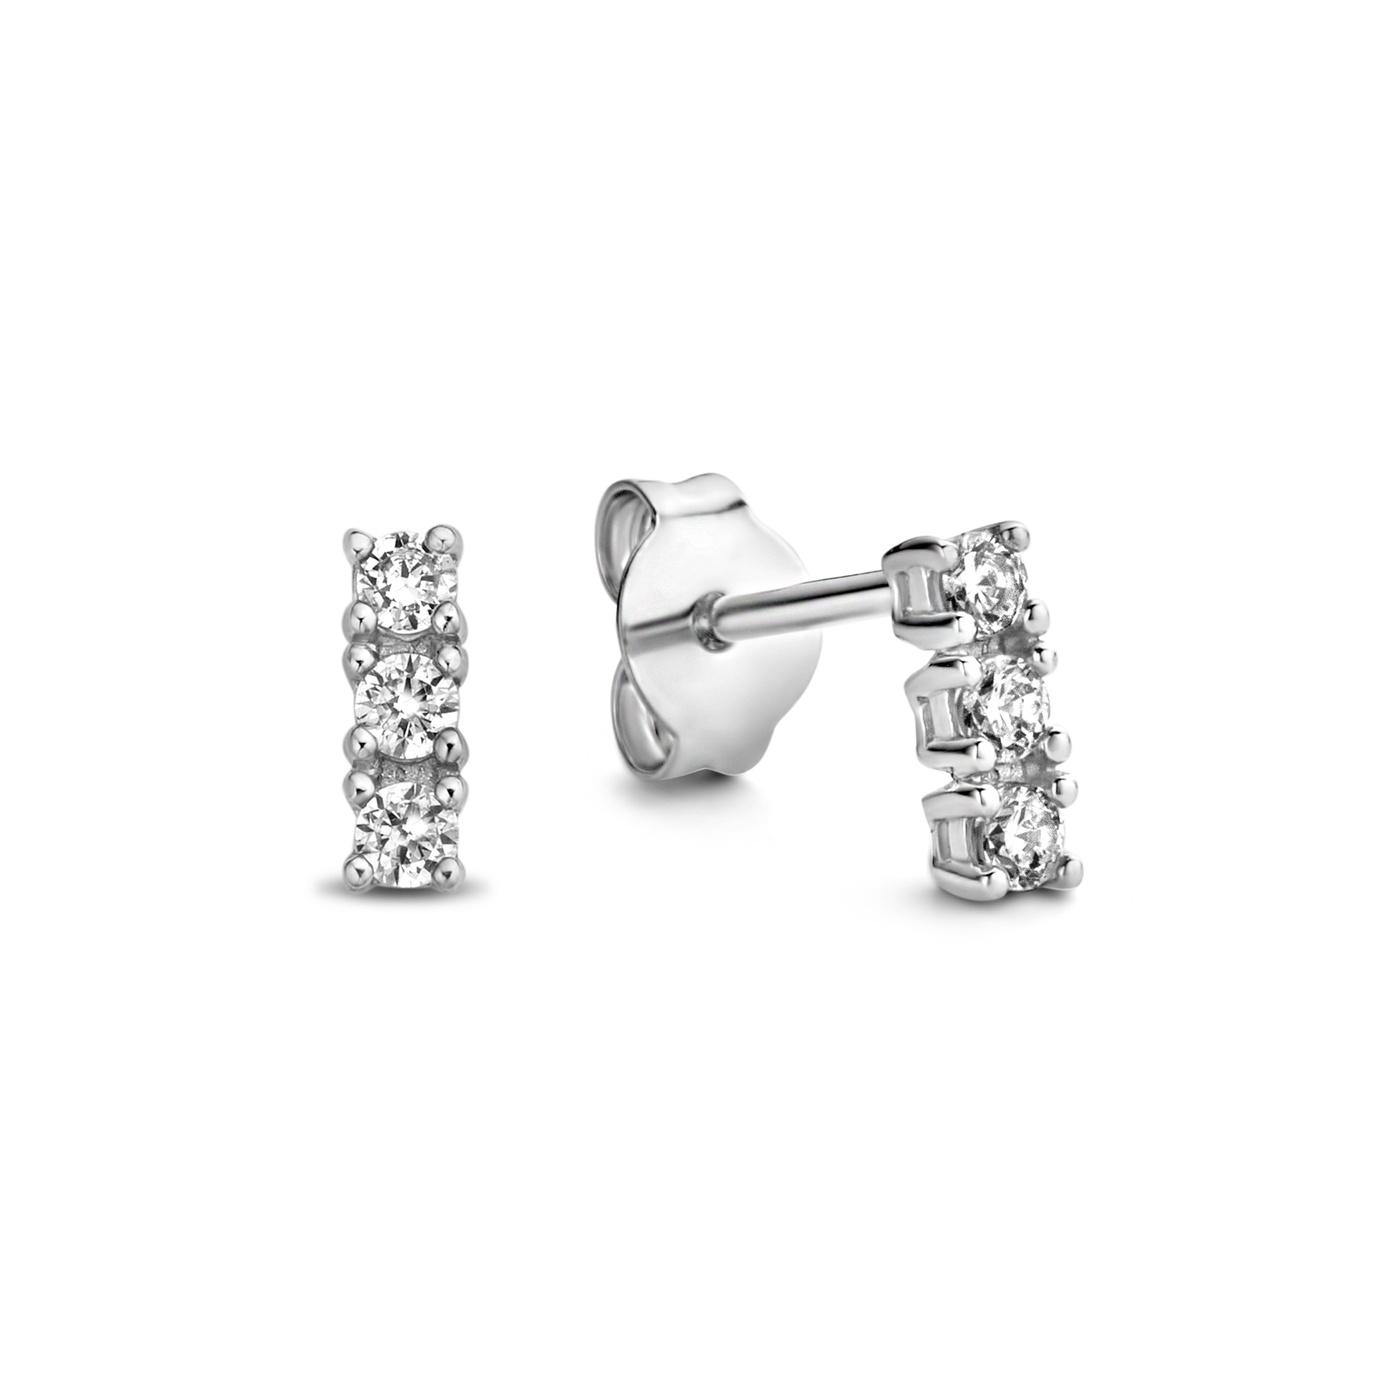 Parte di Me Bella Vita Sofia 925 sterling silver ear studs with zirconia